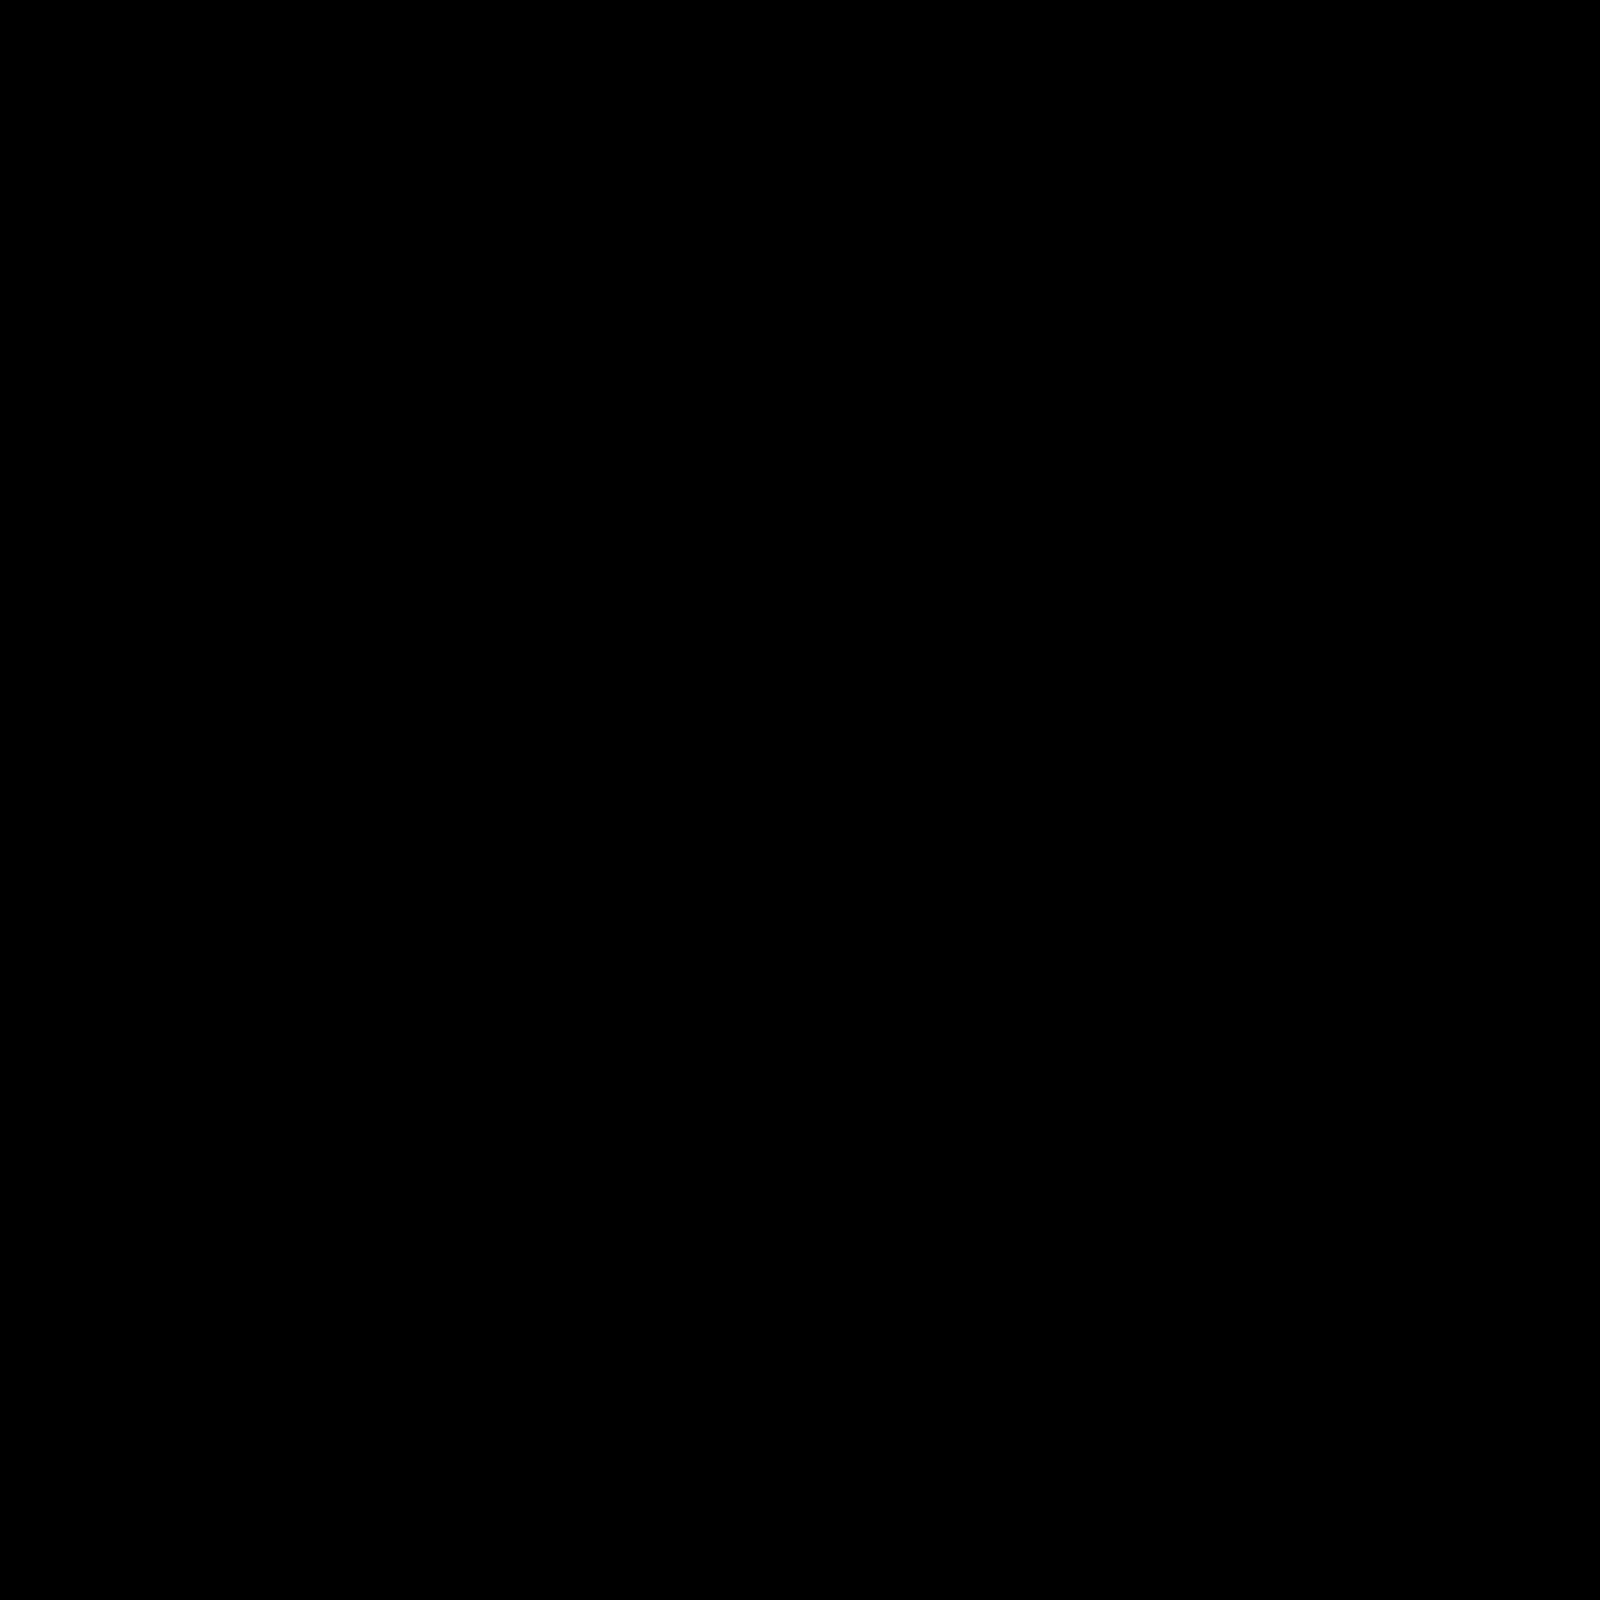 パイレーツオブカリビアン icon